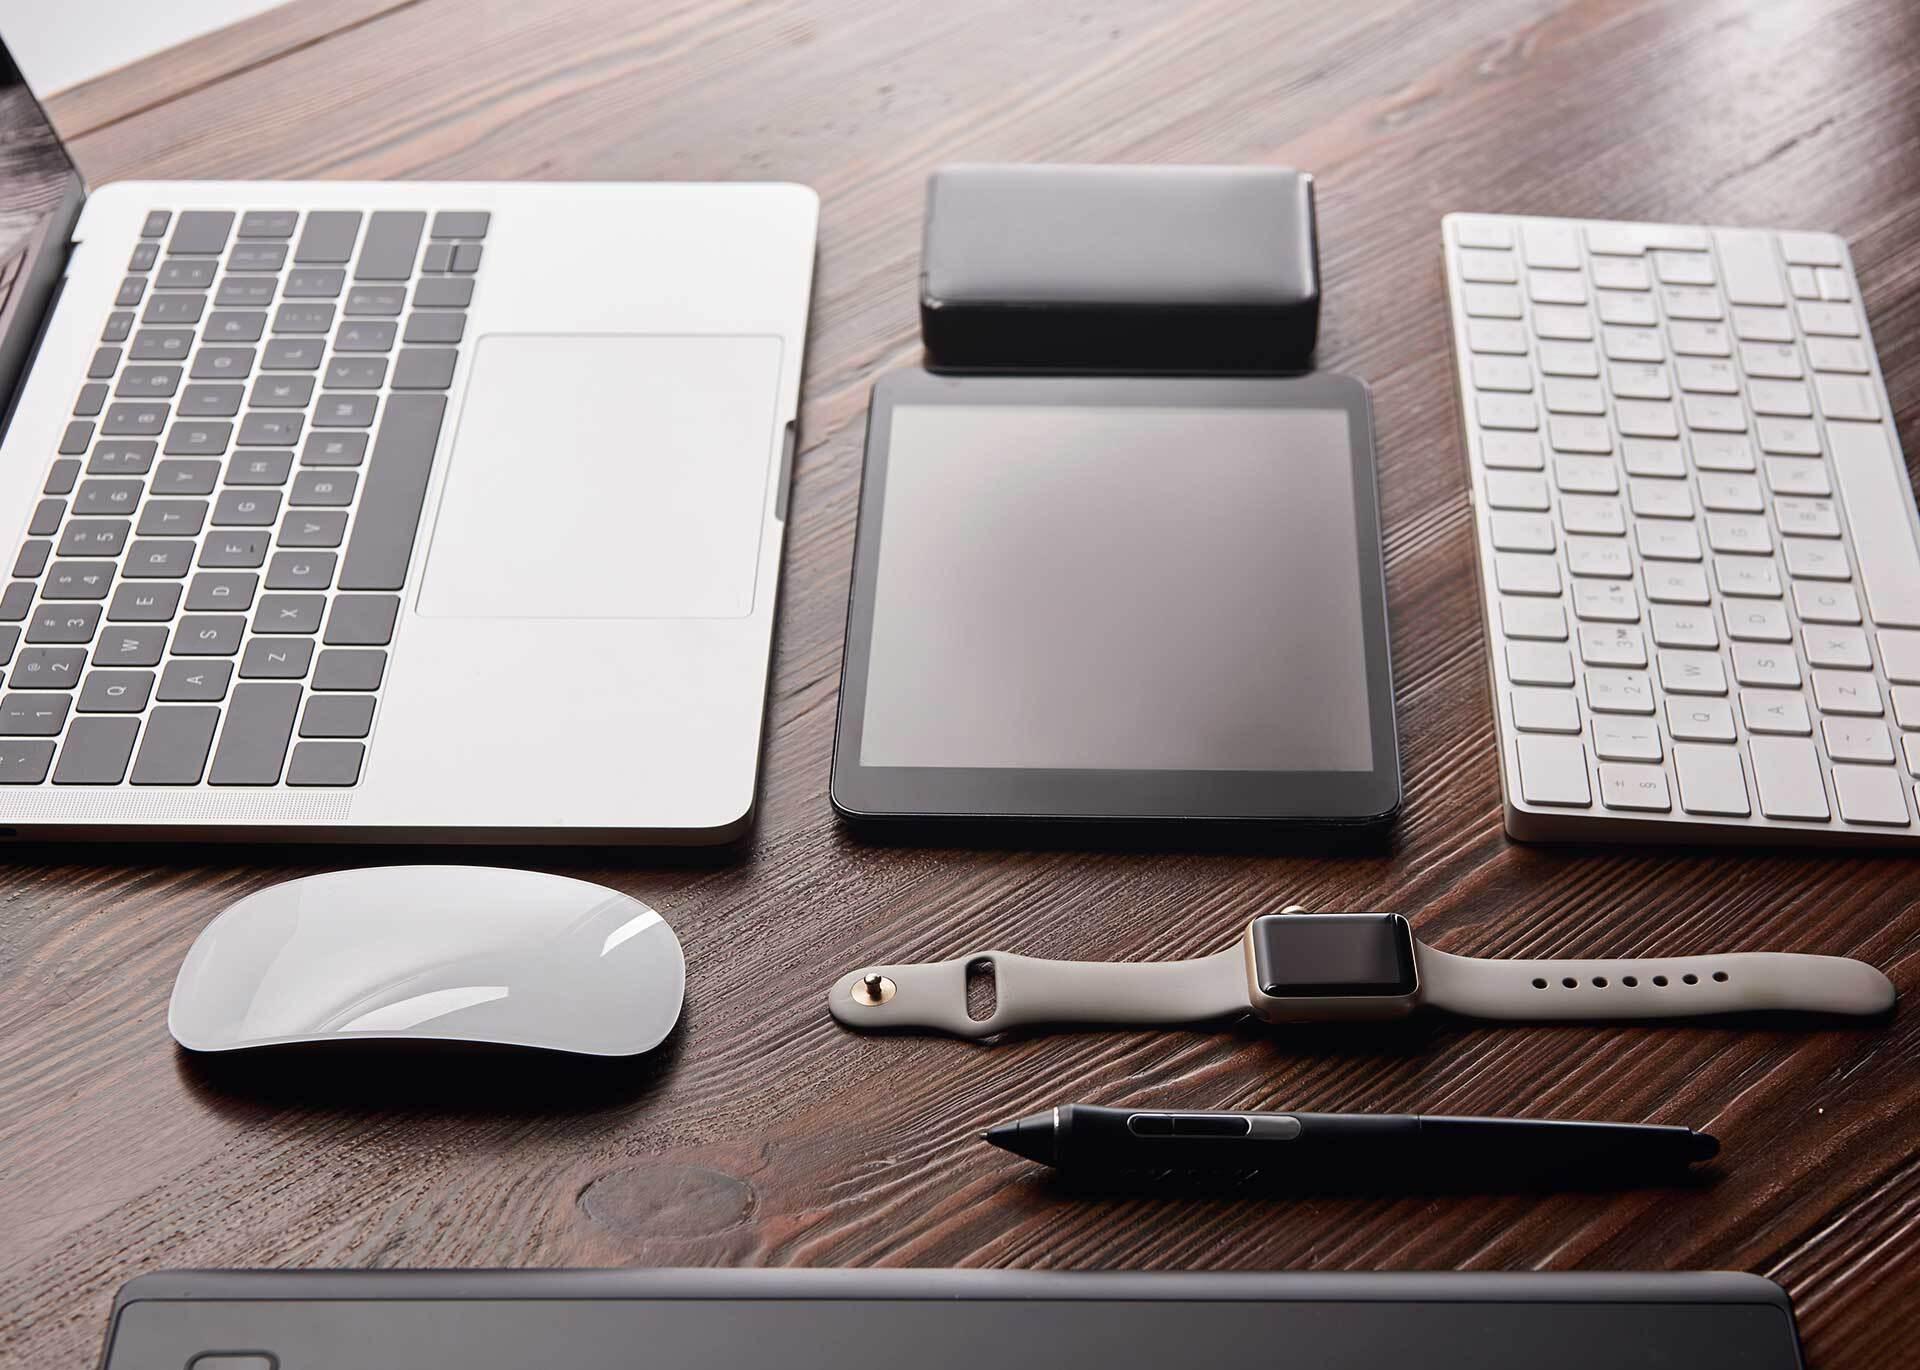 Jak skutecznie sprzedawać sprzęt elektroniczny w internecie?